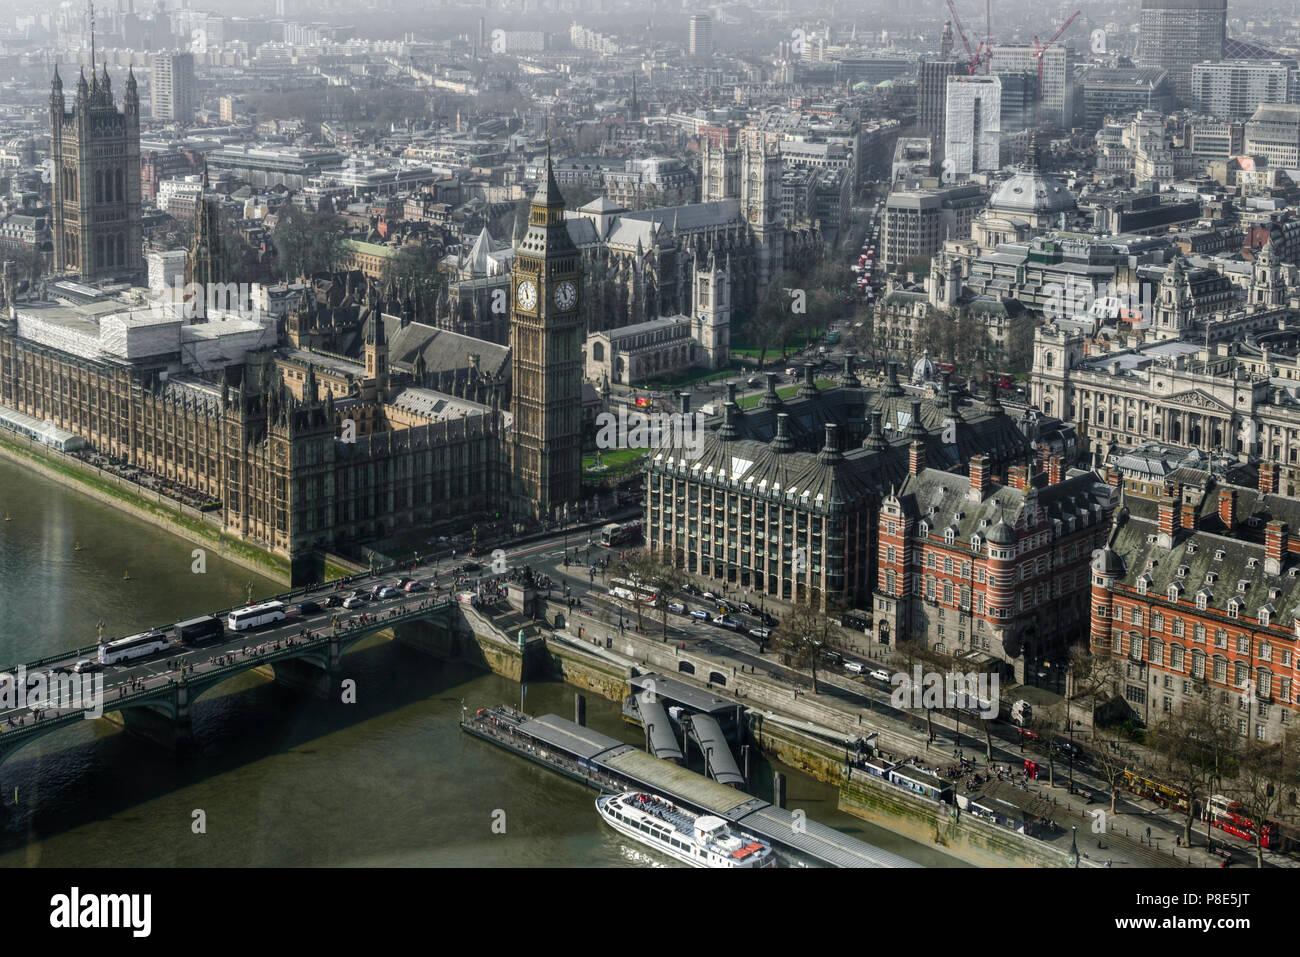 Vista aérea del Big Ben, la gran torre del reloj situado en el lado noroeste del Palacio de Westminster, en Londres. Stock Photo